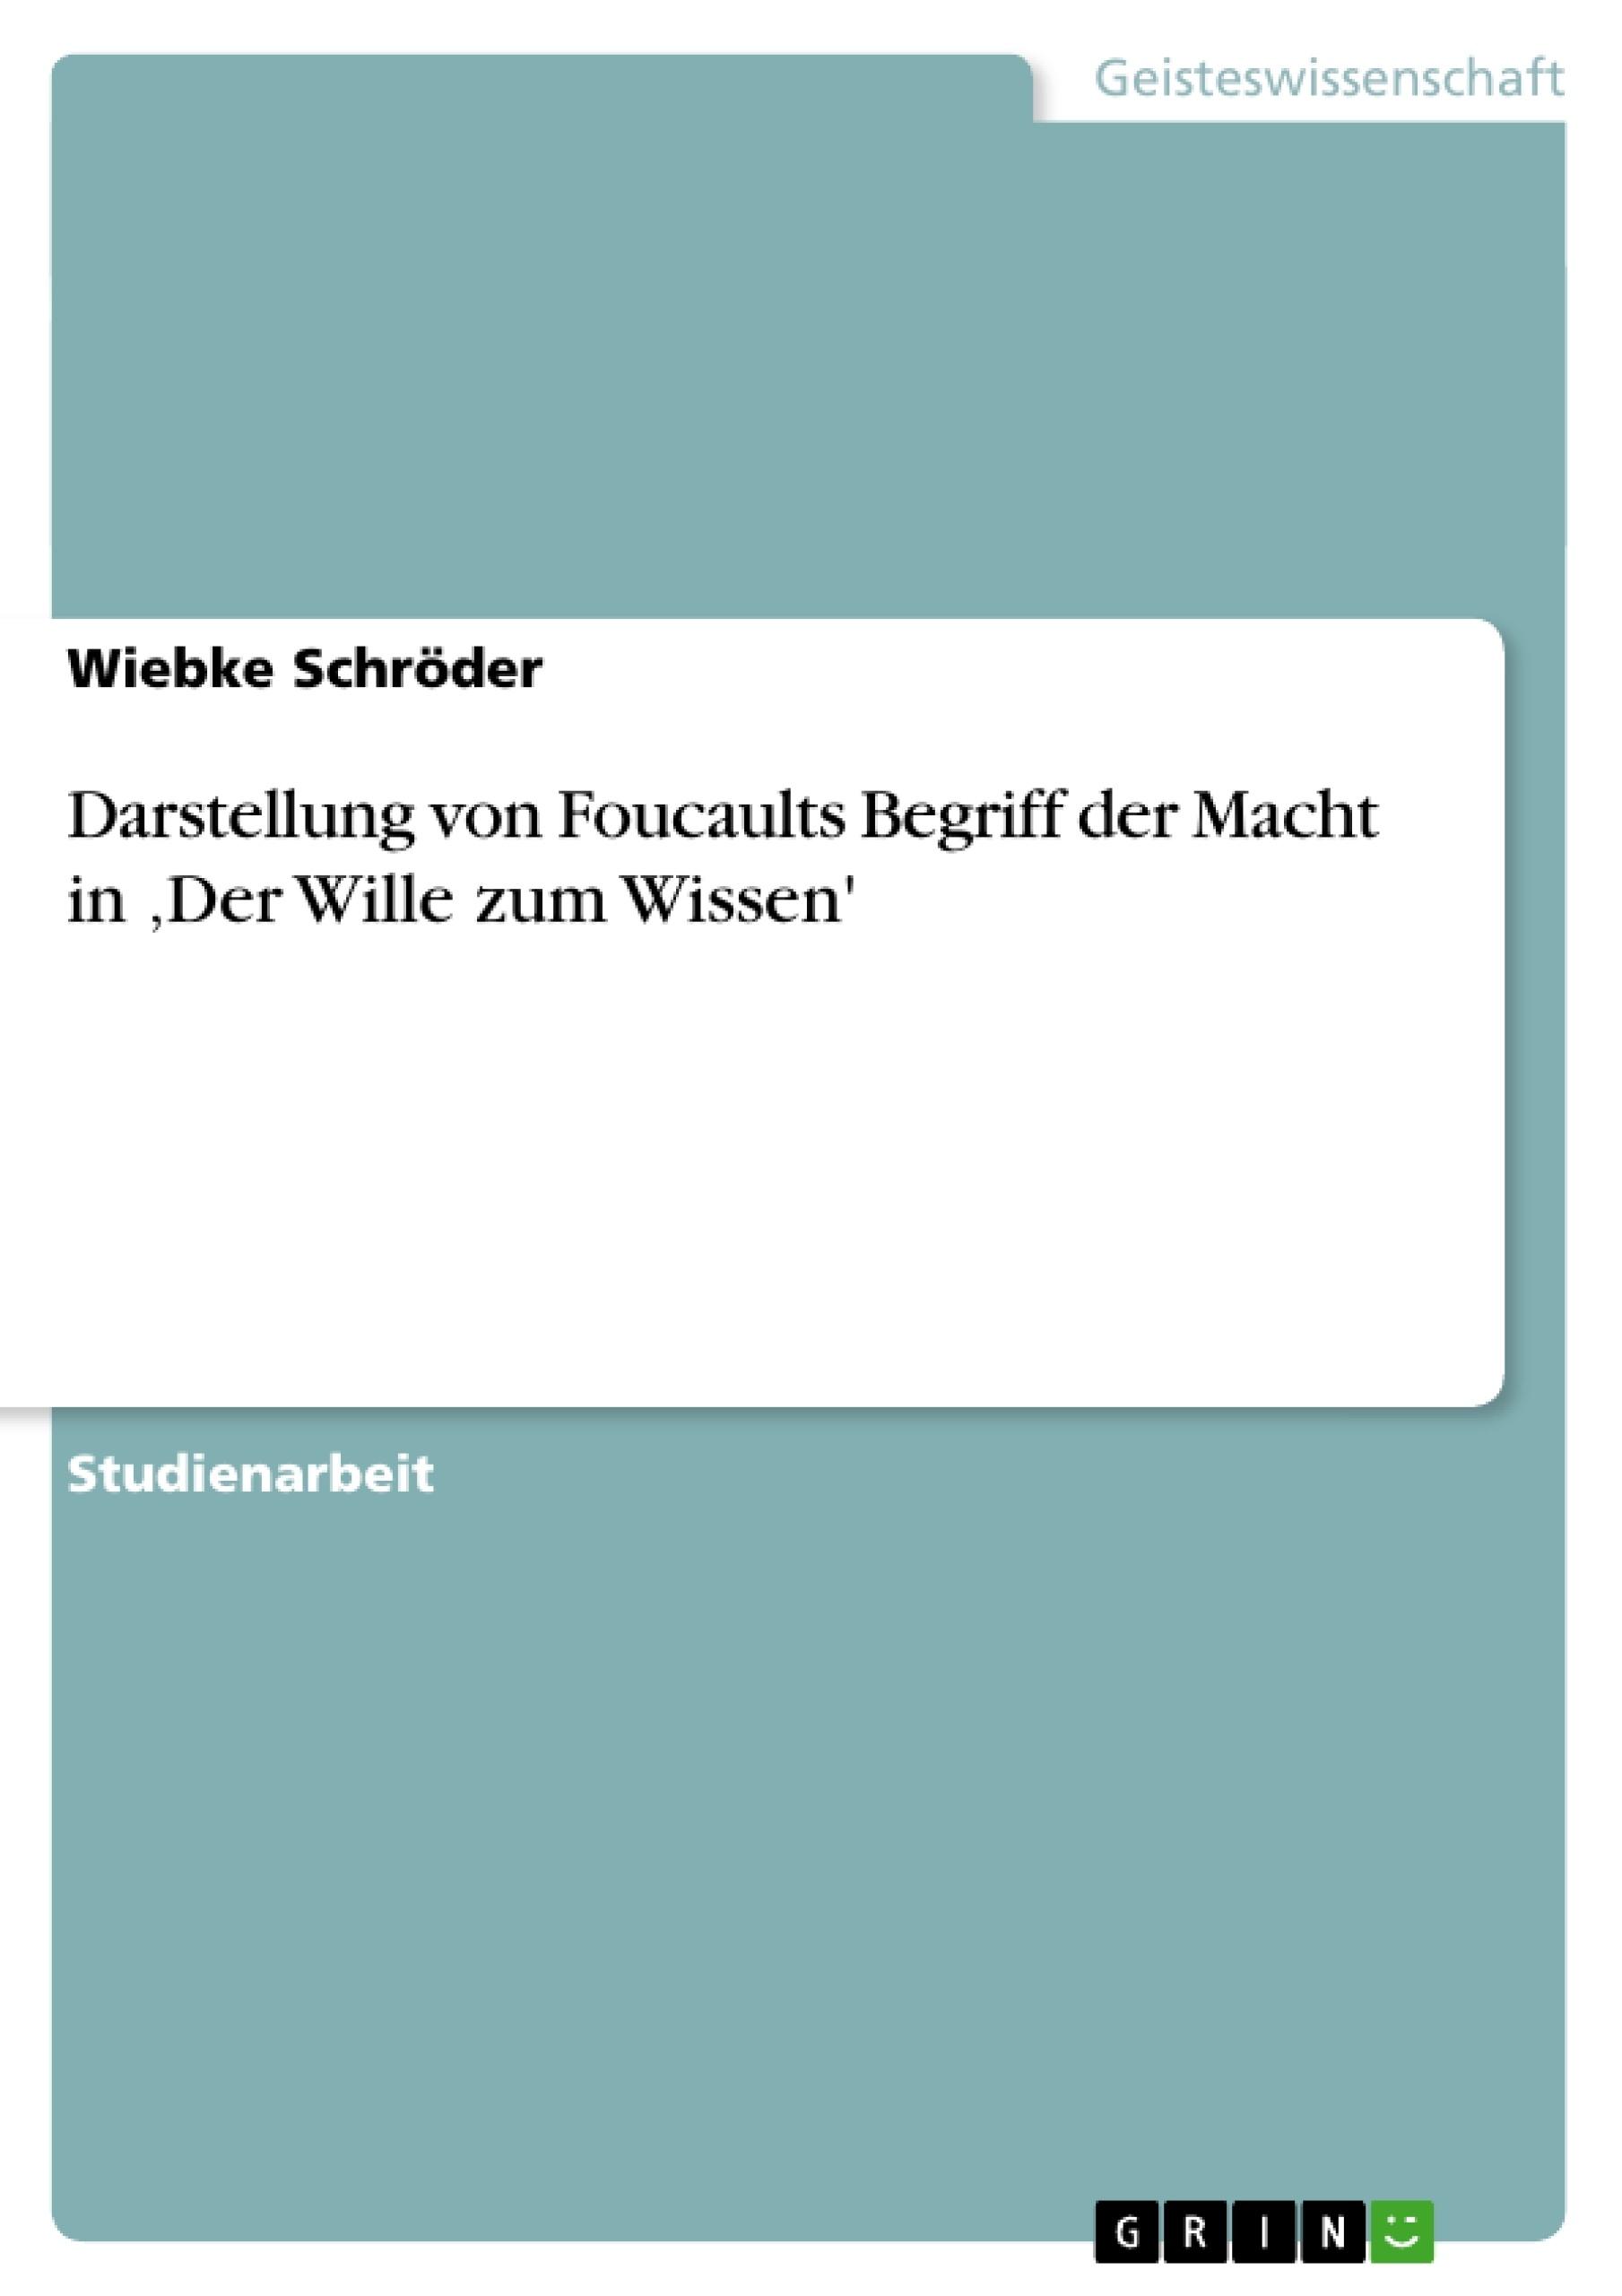 Titel: Darstellung von Foucaults Begriff der Macht in 'Der Wille zum Wissen'